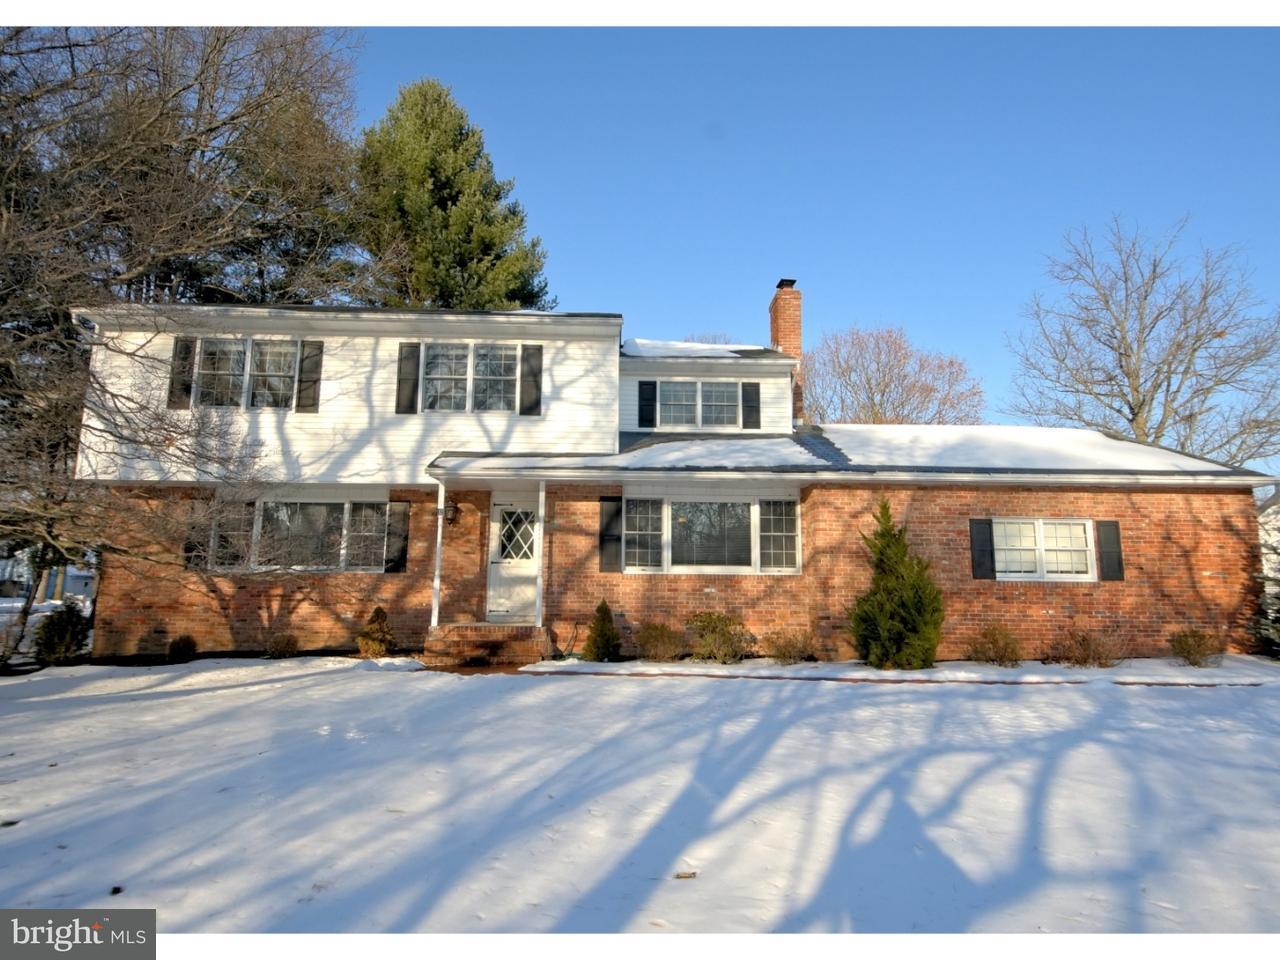 Частный односемейный дом для того Продажа на 12 BERKSHIRE Drive Princeton Junction, Нью-Джерси 08550 Соединенные ШтатыВ/Около: West Windsor Twp